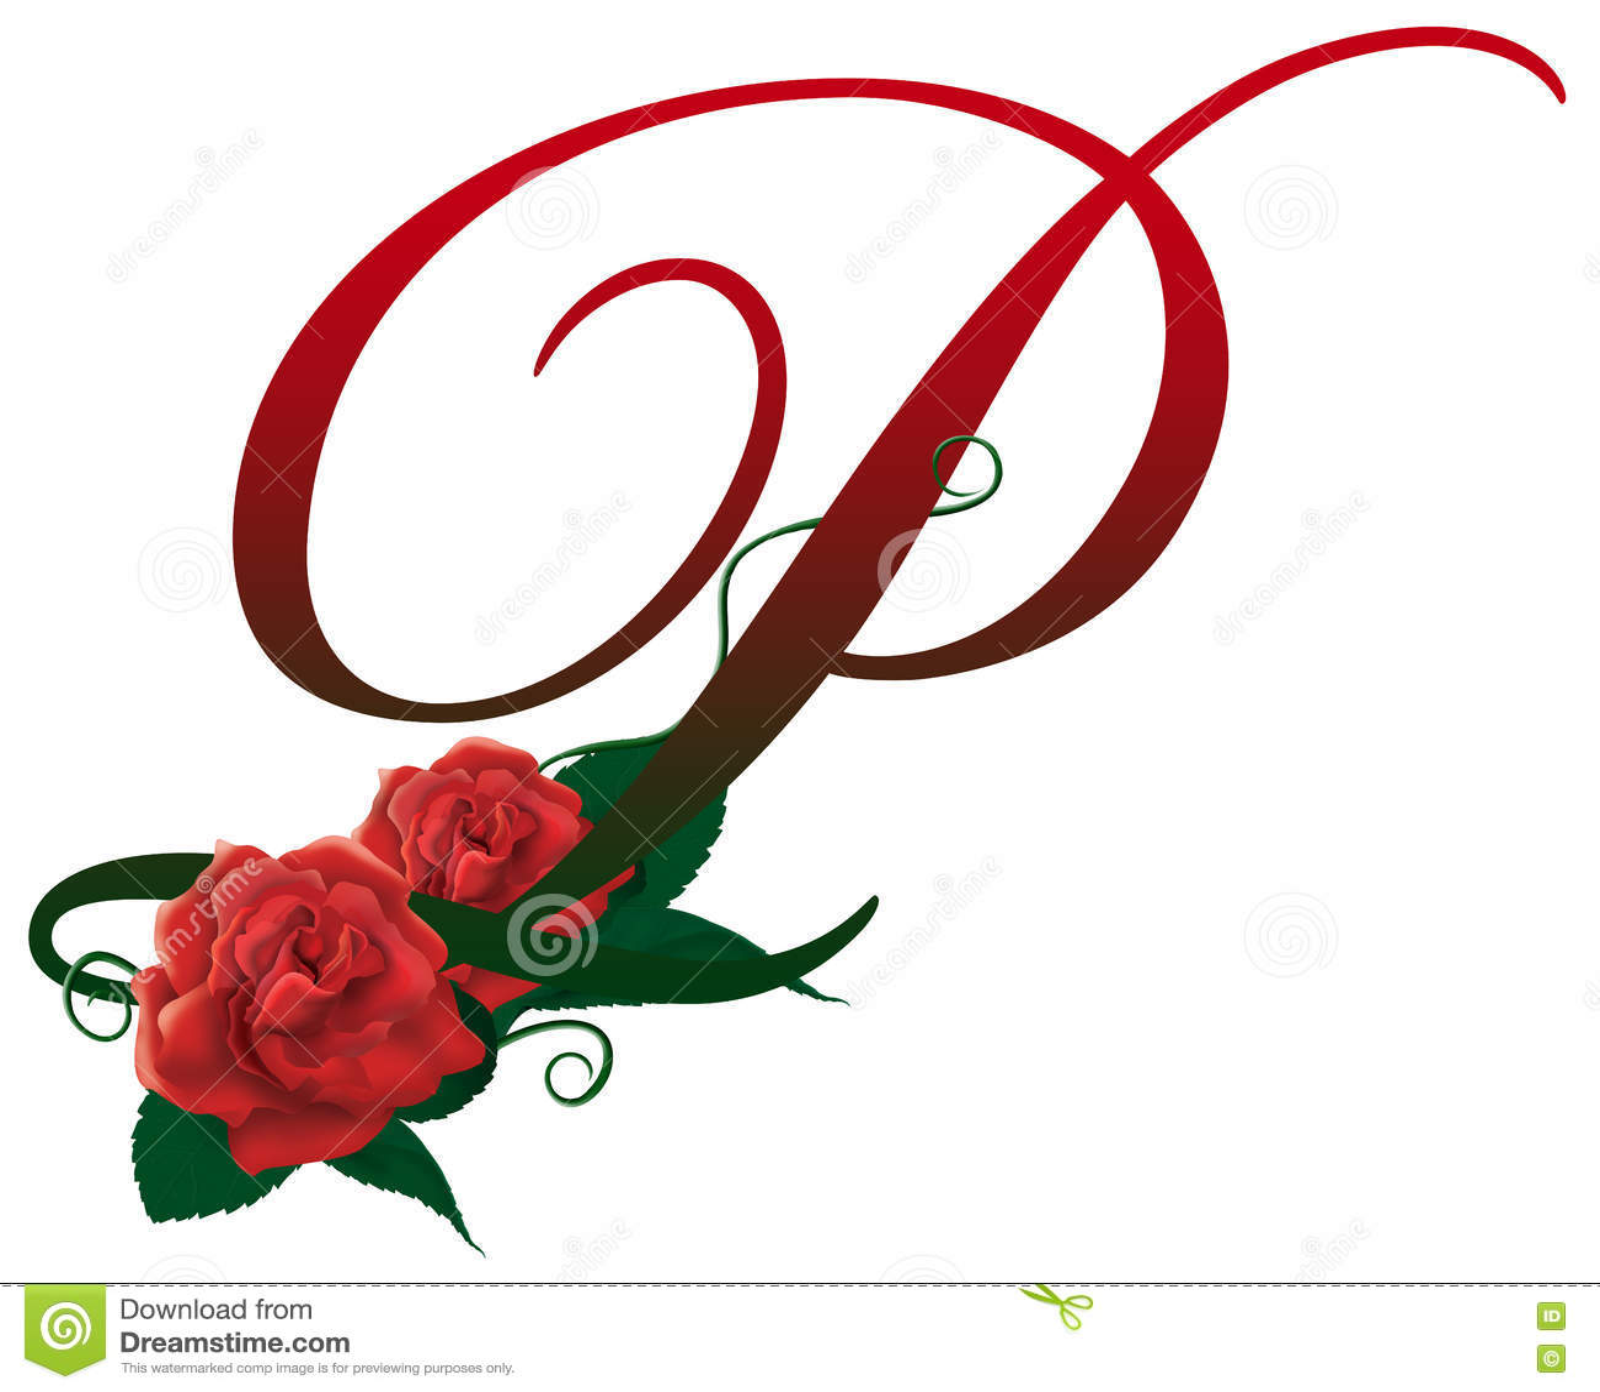 P Letter Images.Letter P Red Floral Illustration Stock Image Illustration Of